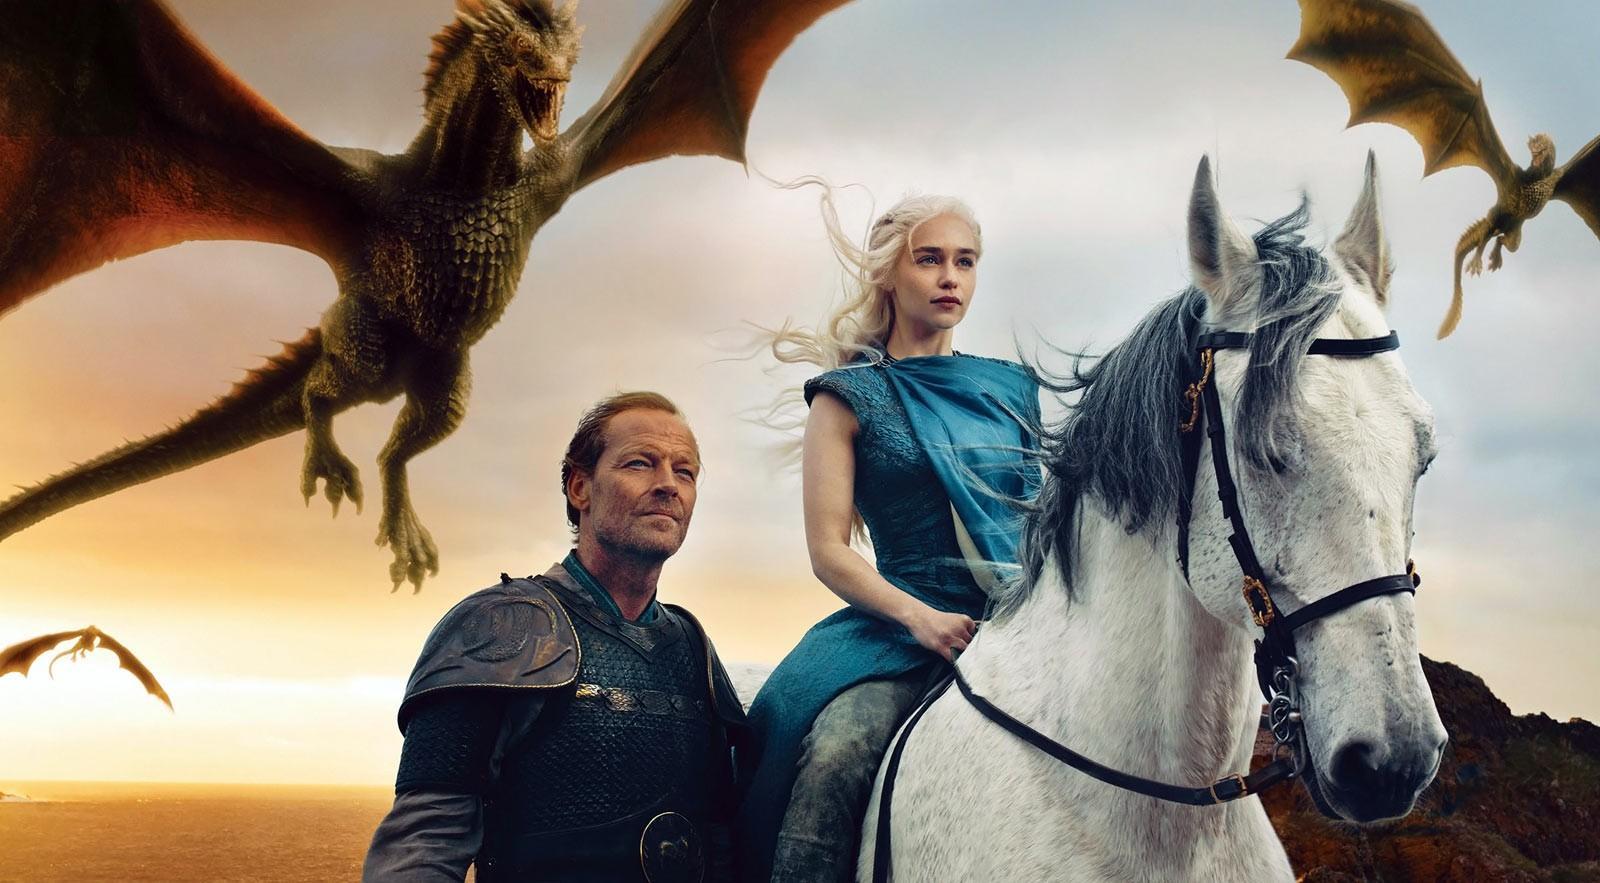 Исландская крона подросла загод благодаря «Игре престолов»